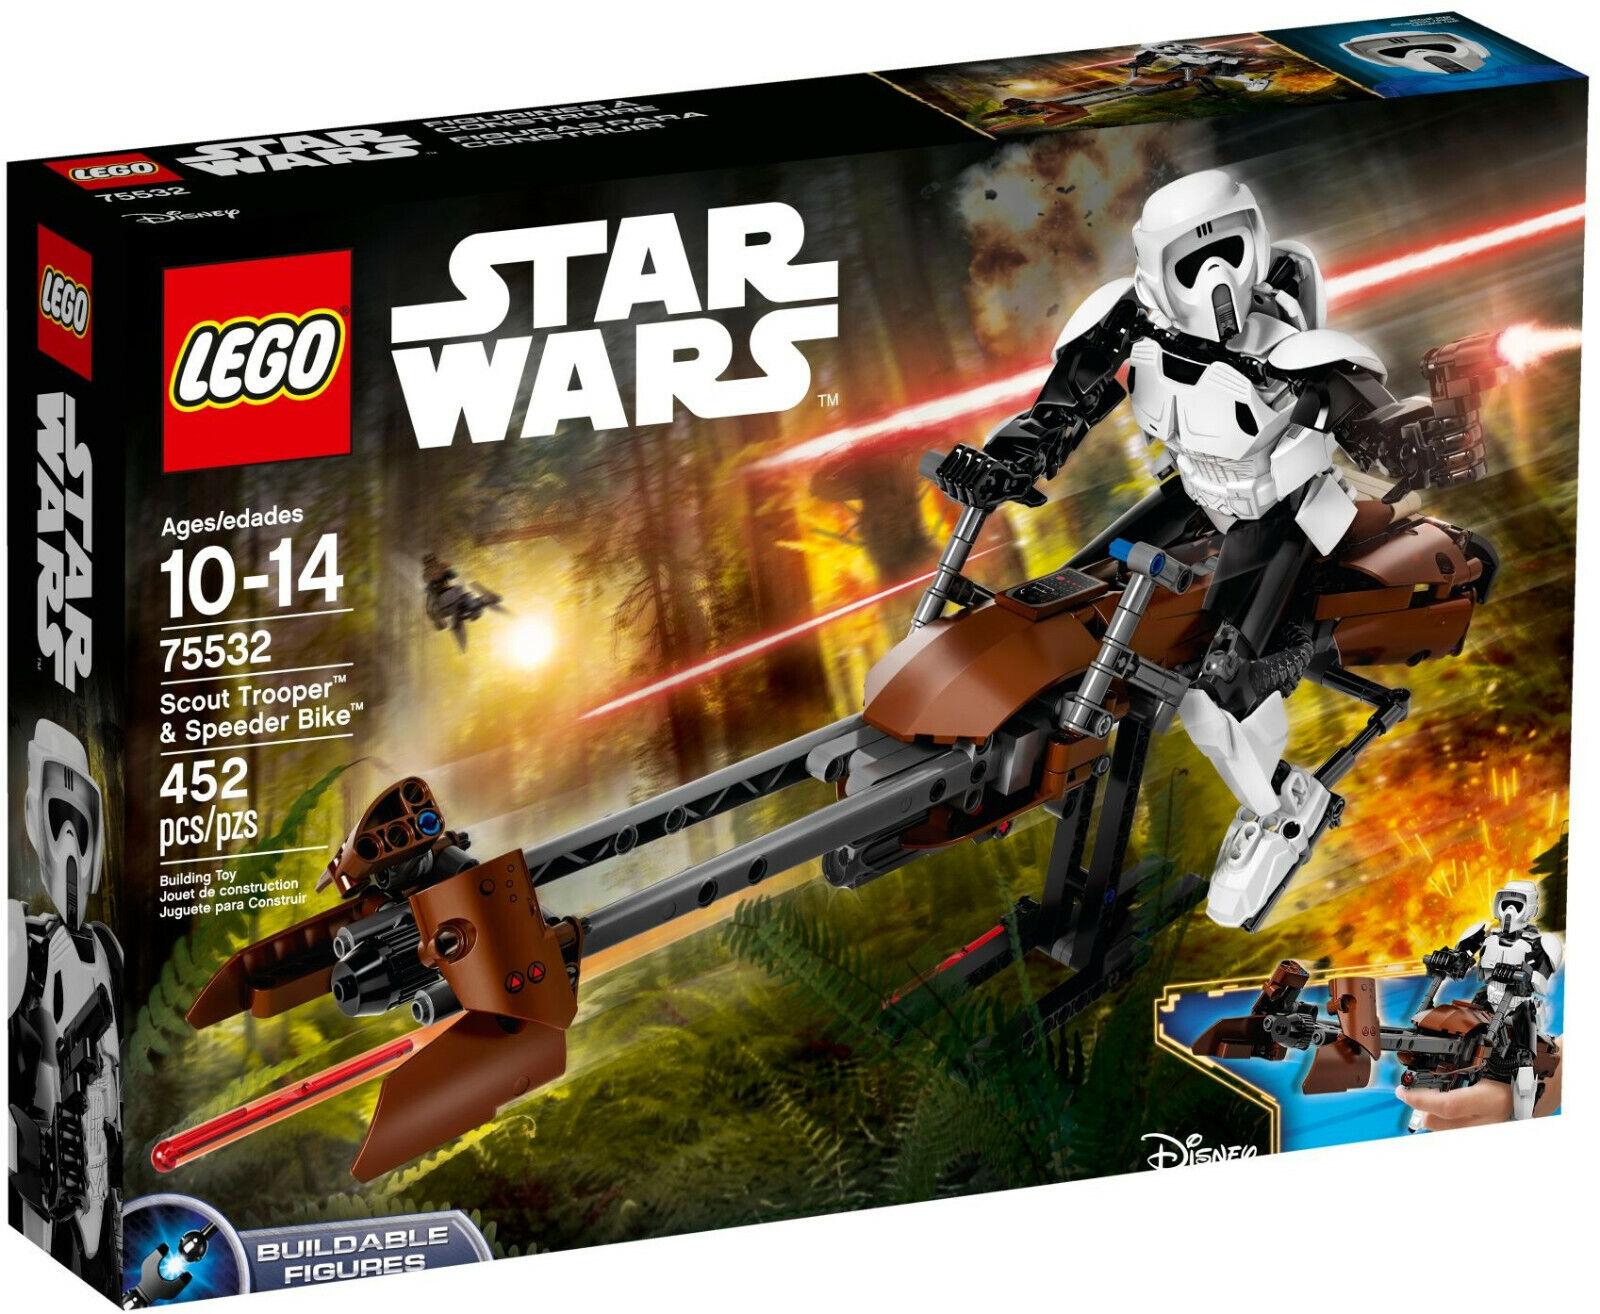 LEGO estrella guerras 75532 Scout Trooper & Speeder Bike-Sigillato Nuovo  di zecca e  Spedizione gratuita per tutti gli ordini